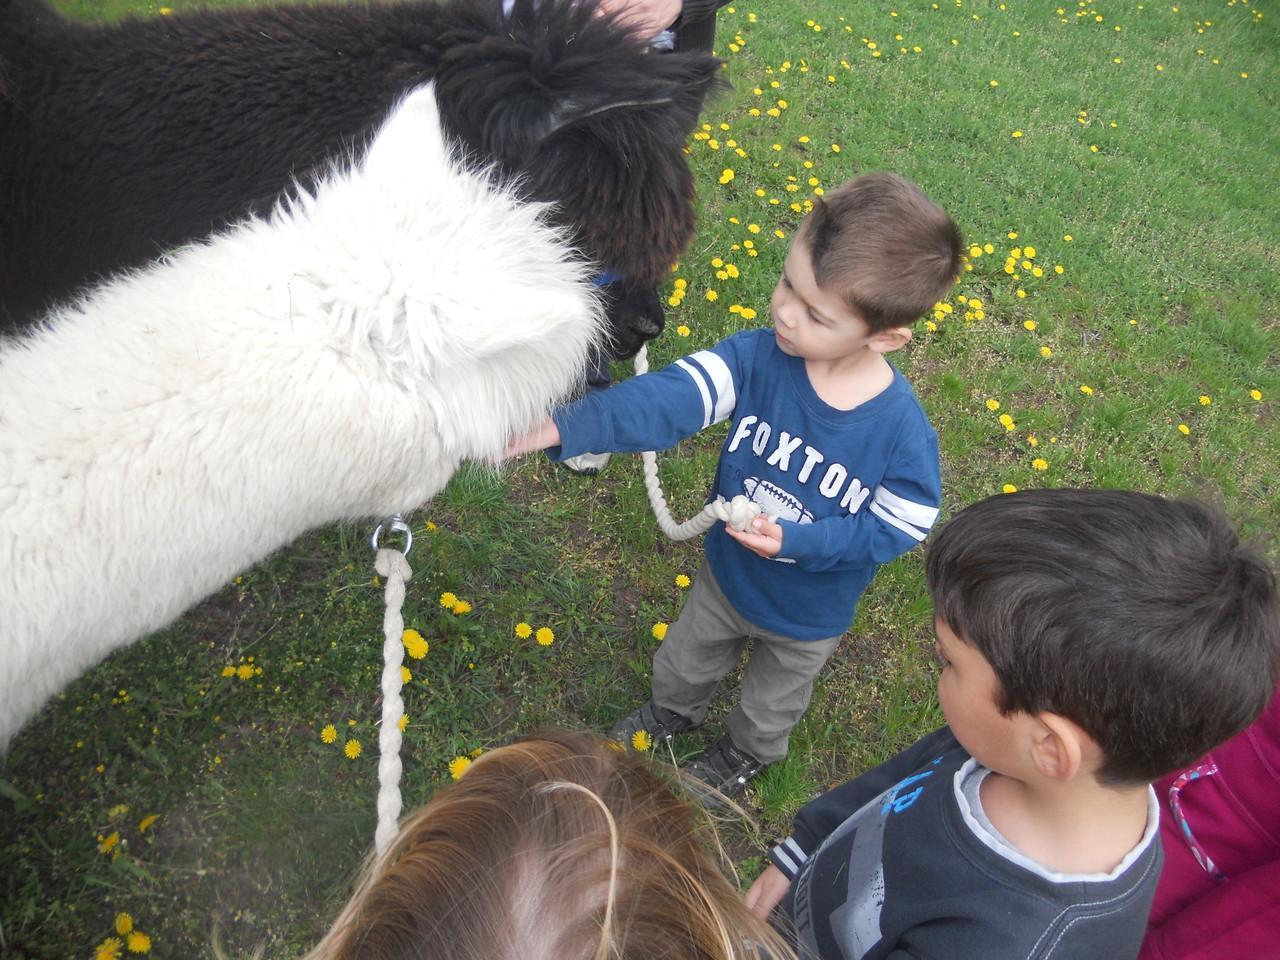 Obwohl die Kinder zum 1. x Alpakas sahen, gab es keine Angst vor den Tieren